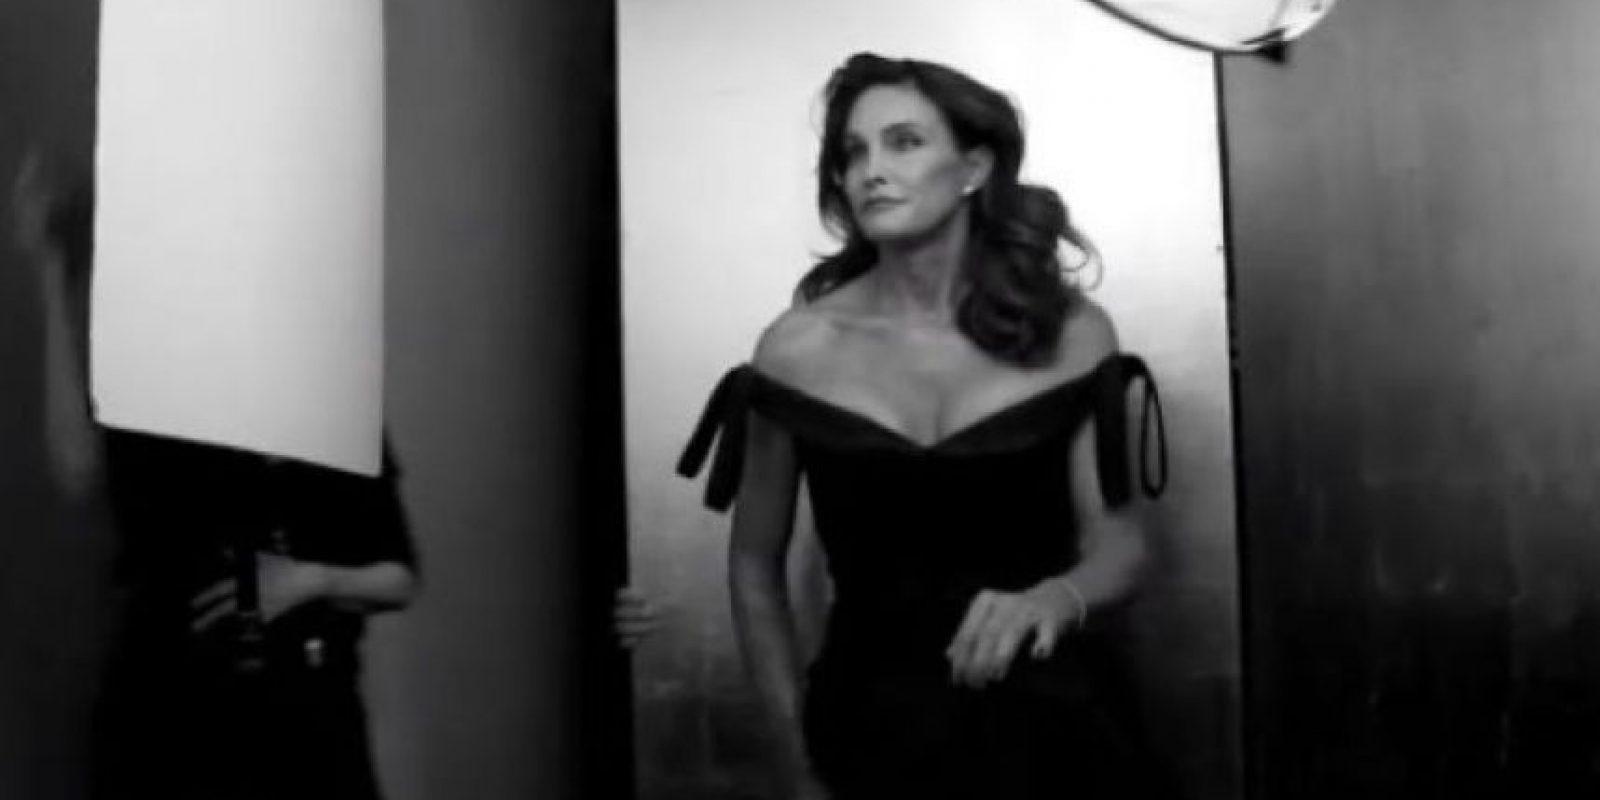 En el nuevo avance, Caitlyn Jenner explica por qué decidió hacer una serie. Foto:YouTube/VanityFair